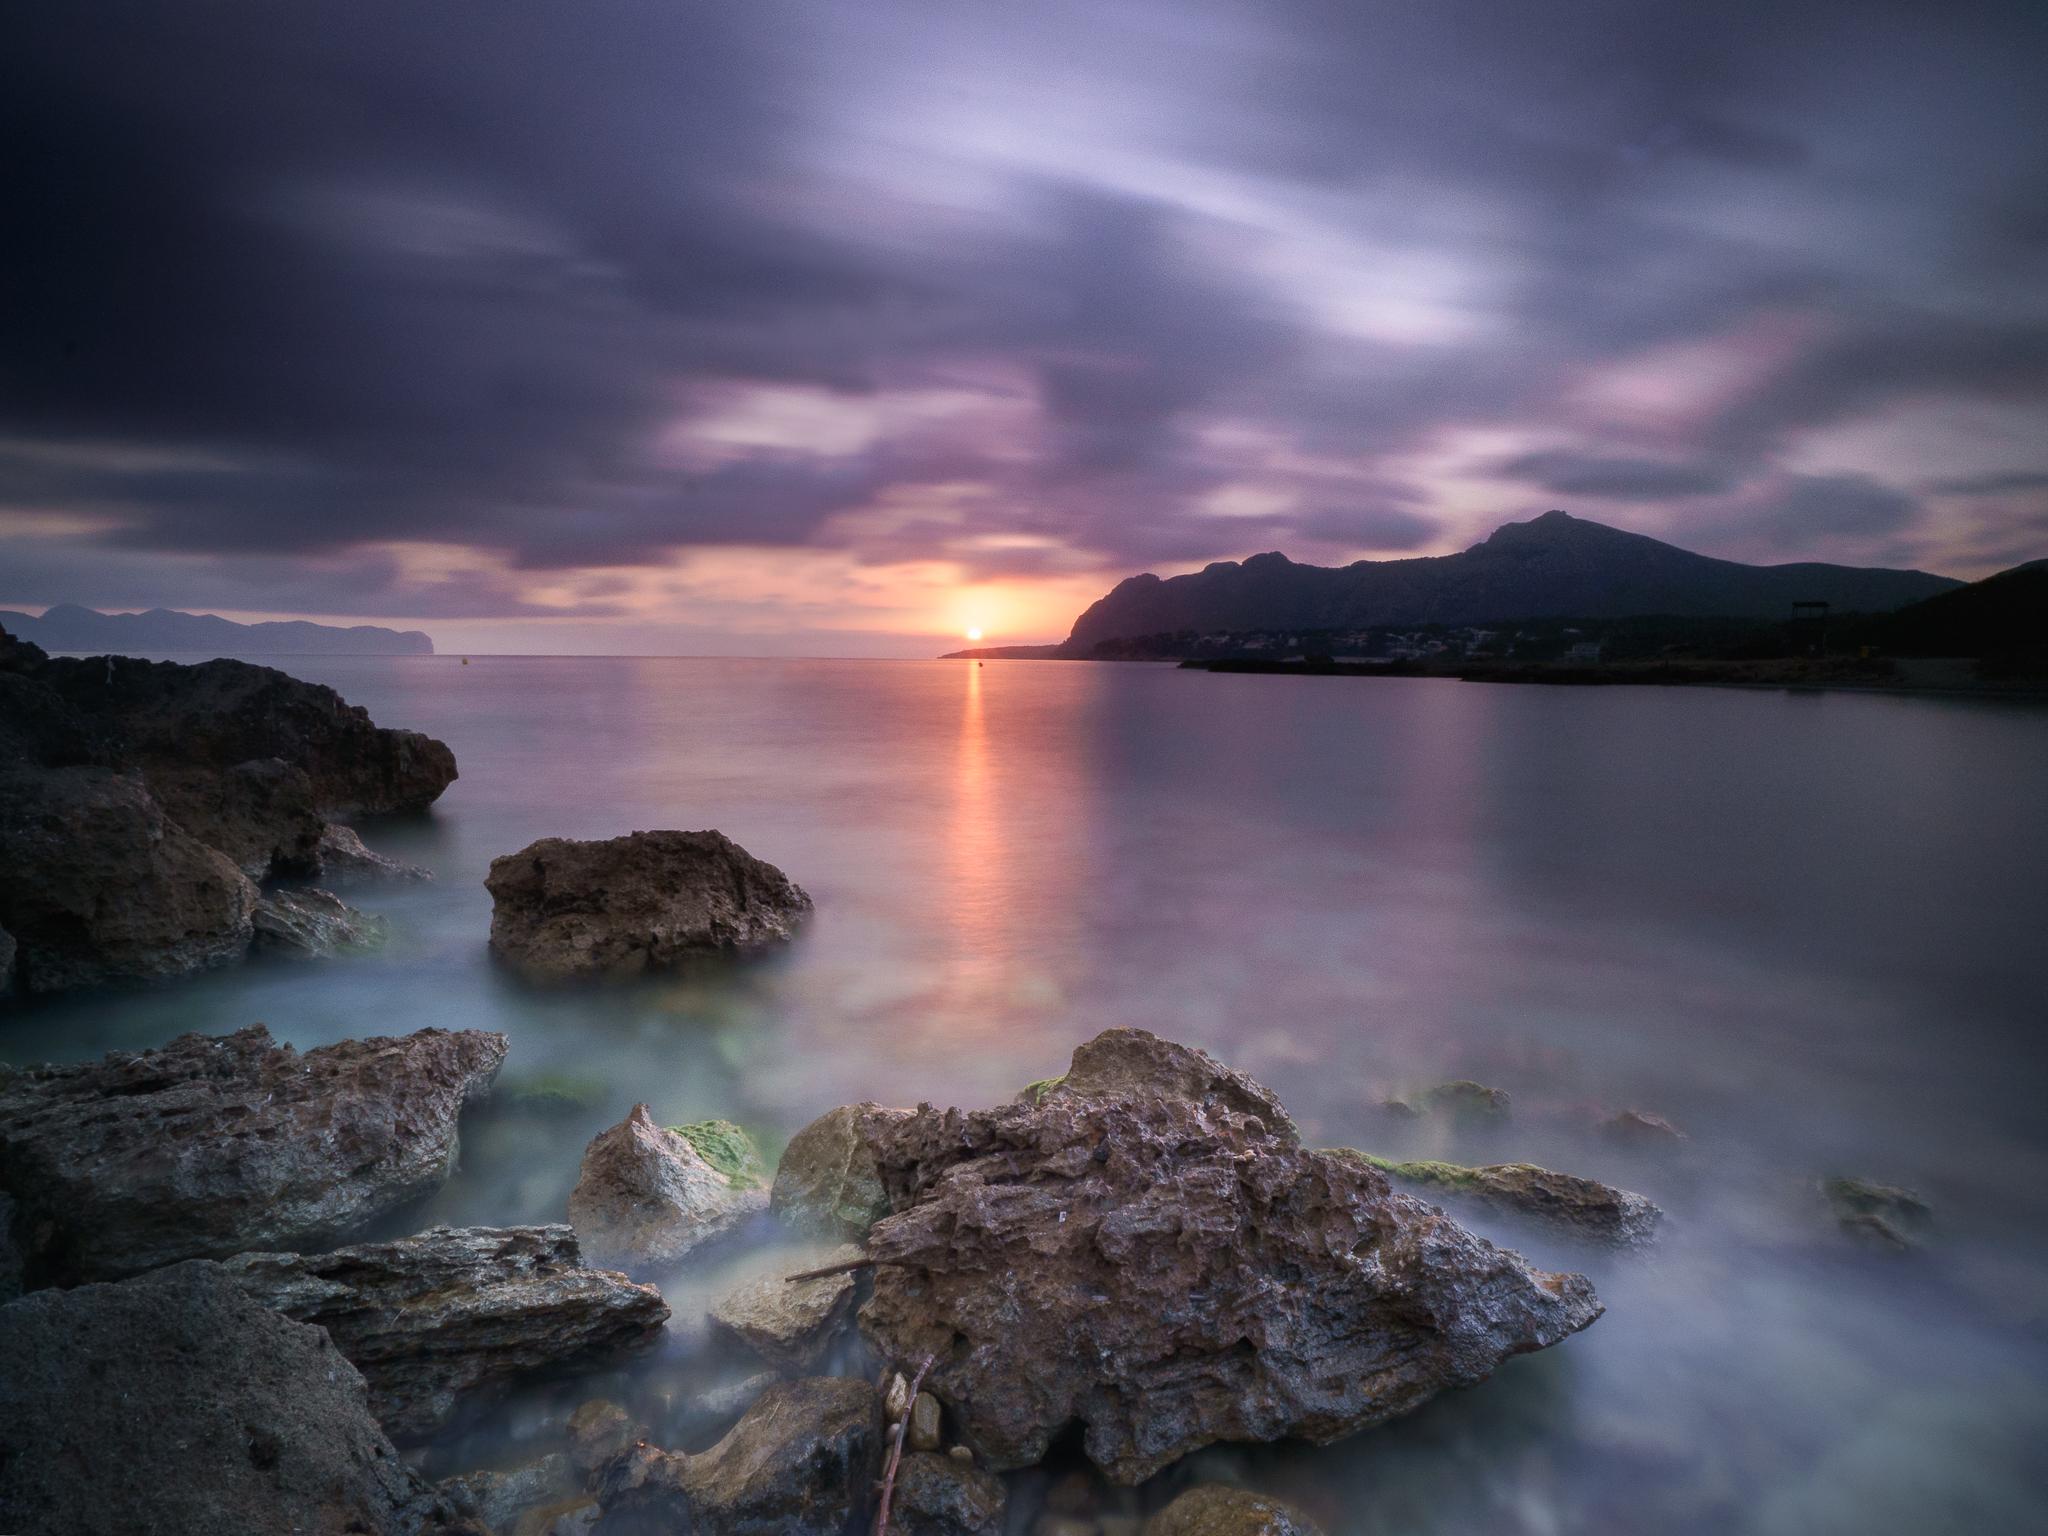 Amanecer en Playa de Sant Joan, Spain